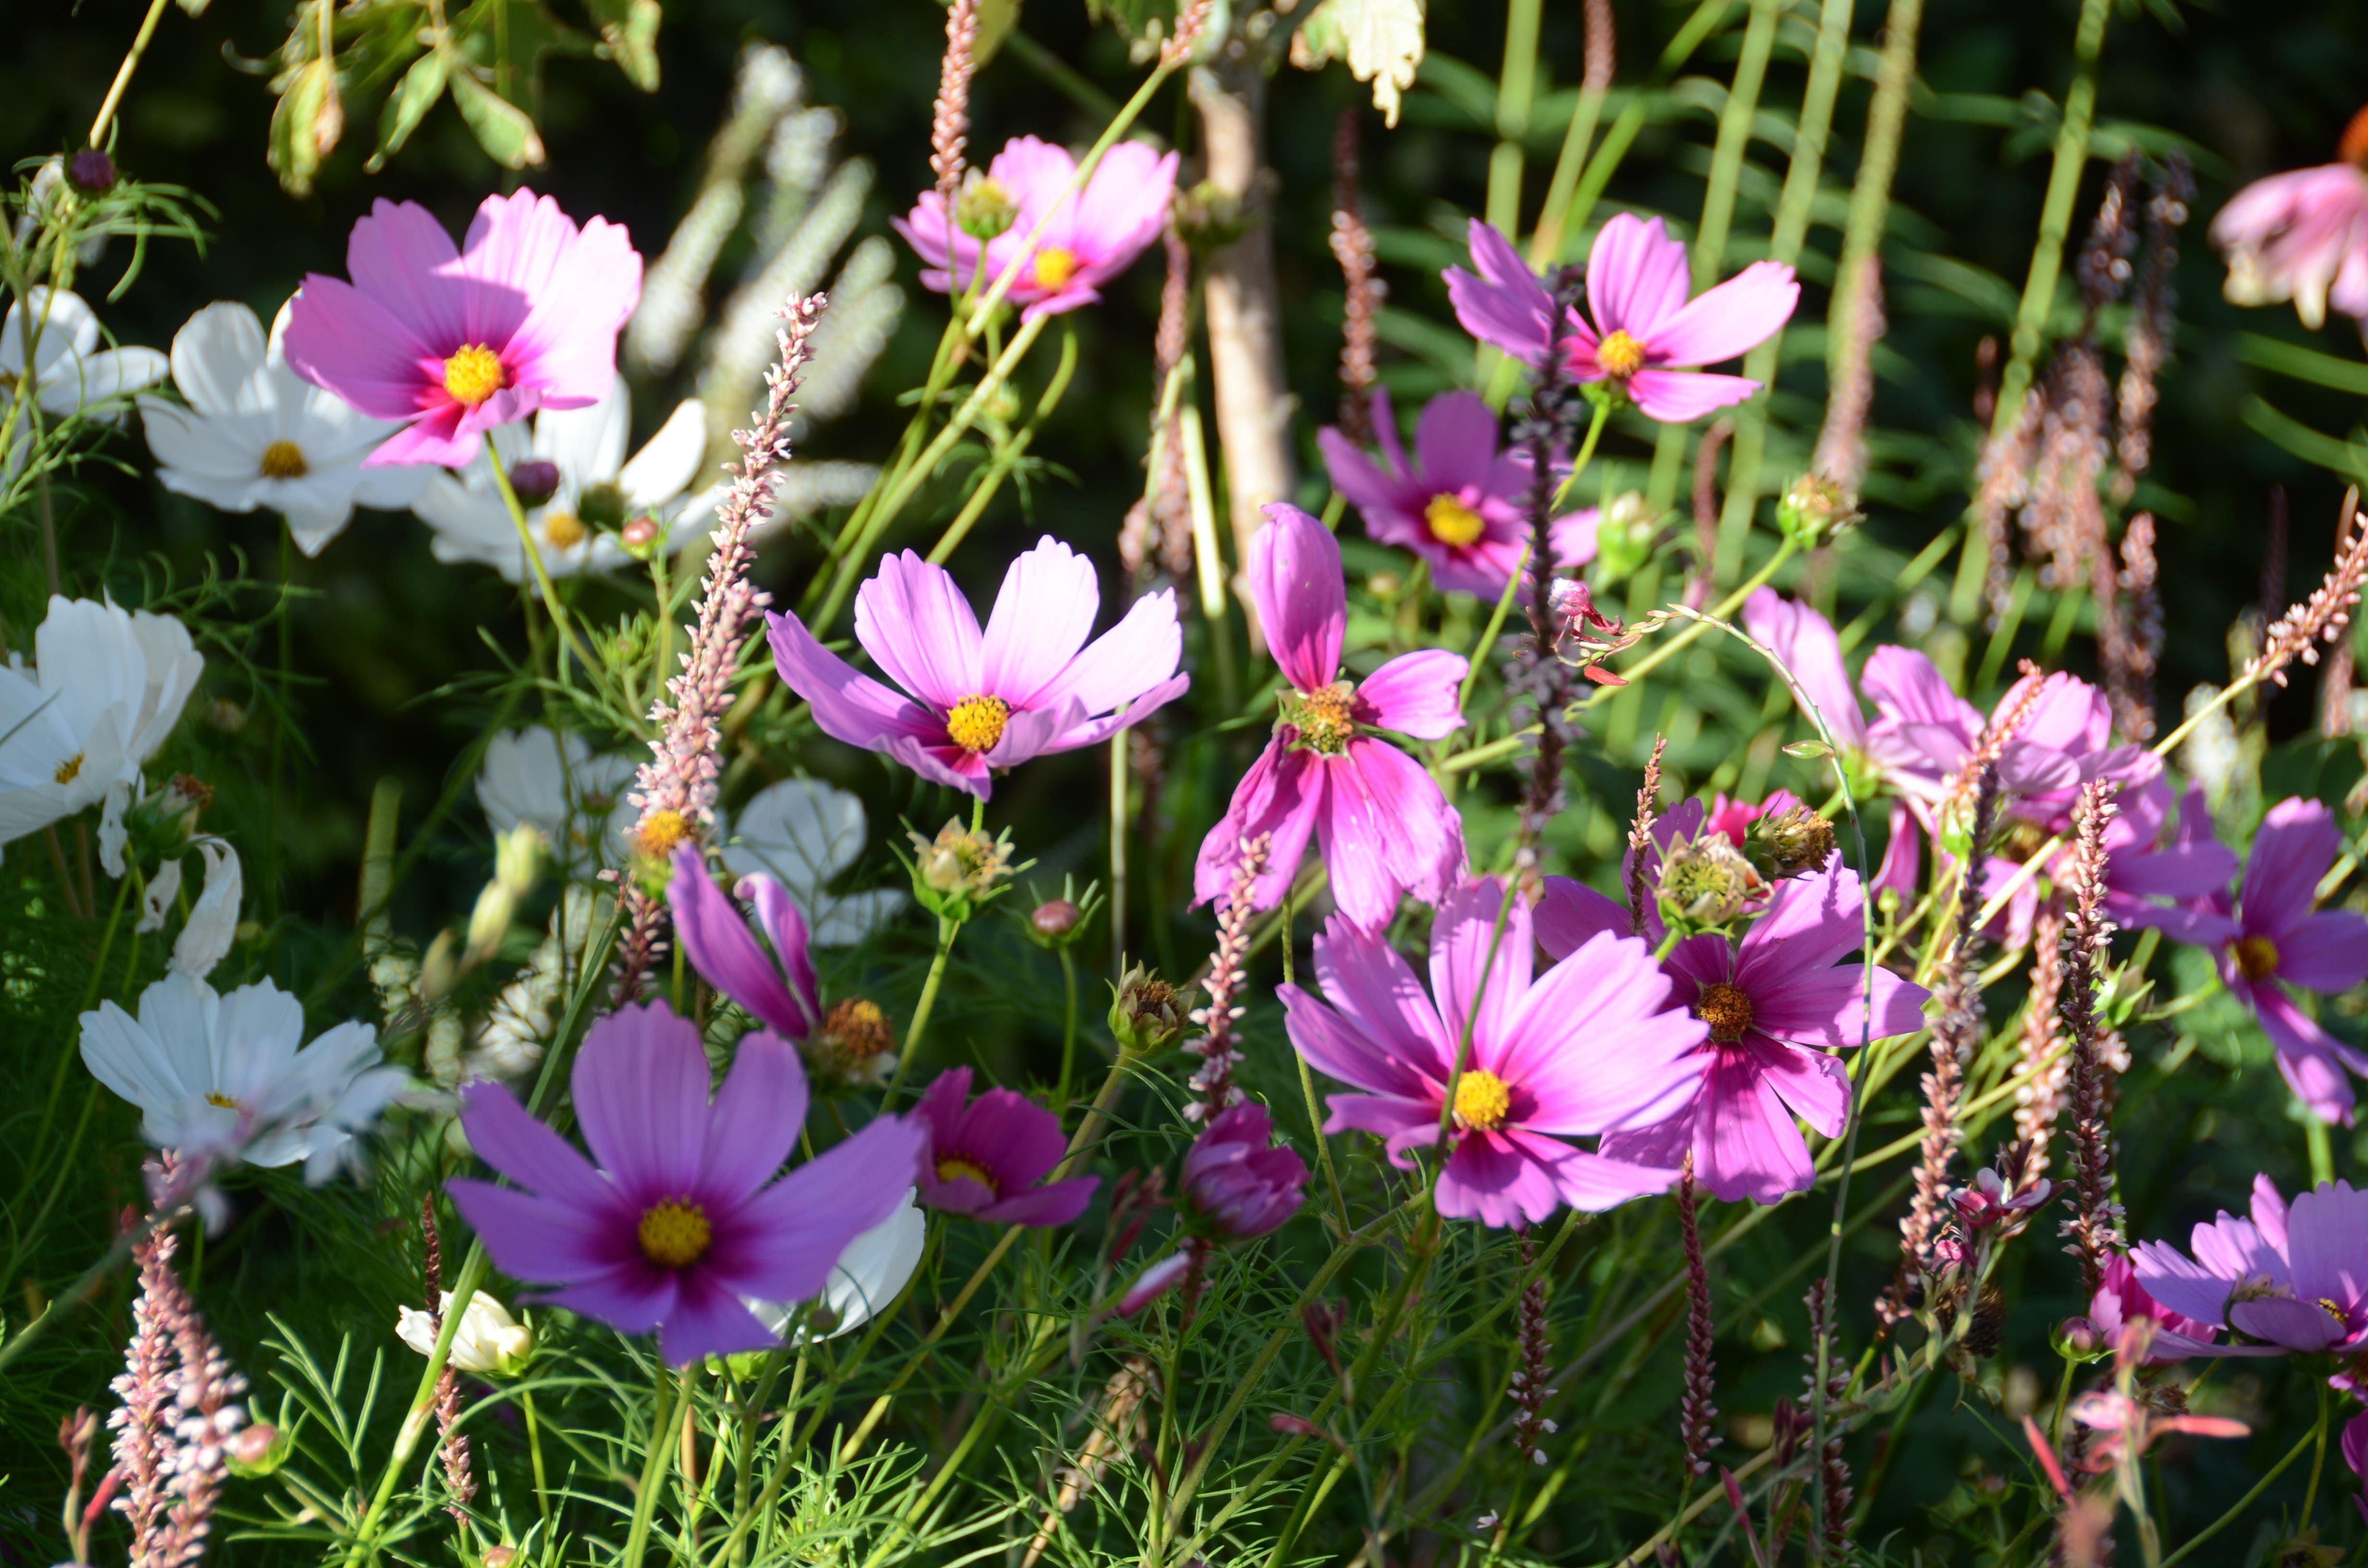 Vielerlei Blumen gibt es zu entdecken.